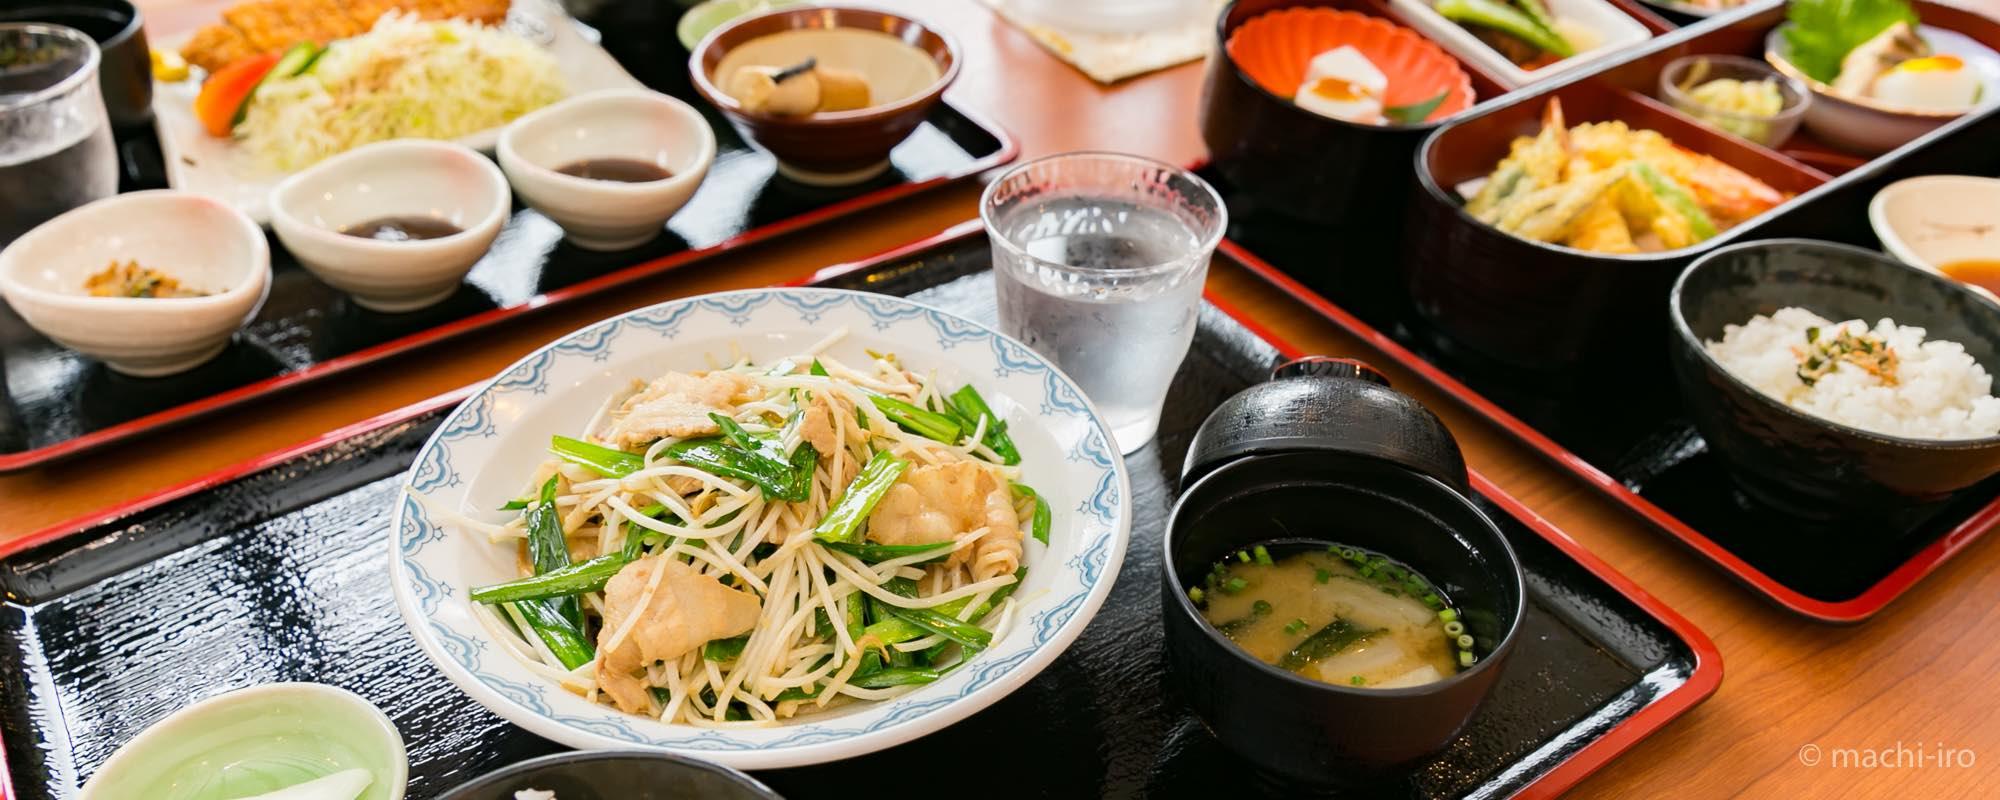 宇検村の美味しさ詰ってます!やけうちの宿・宇検食堂